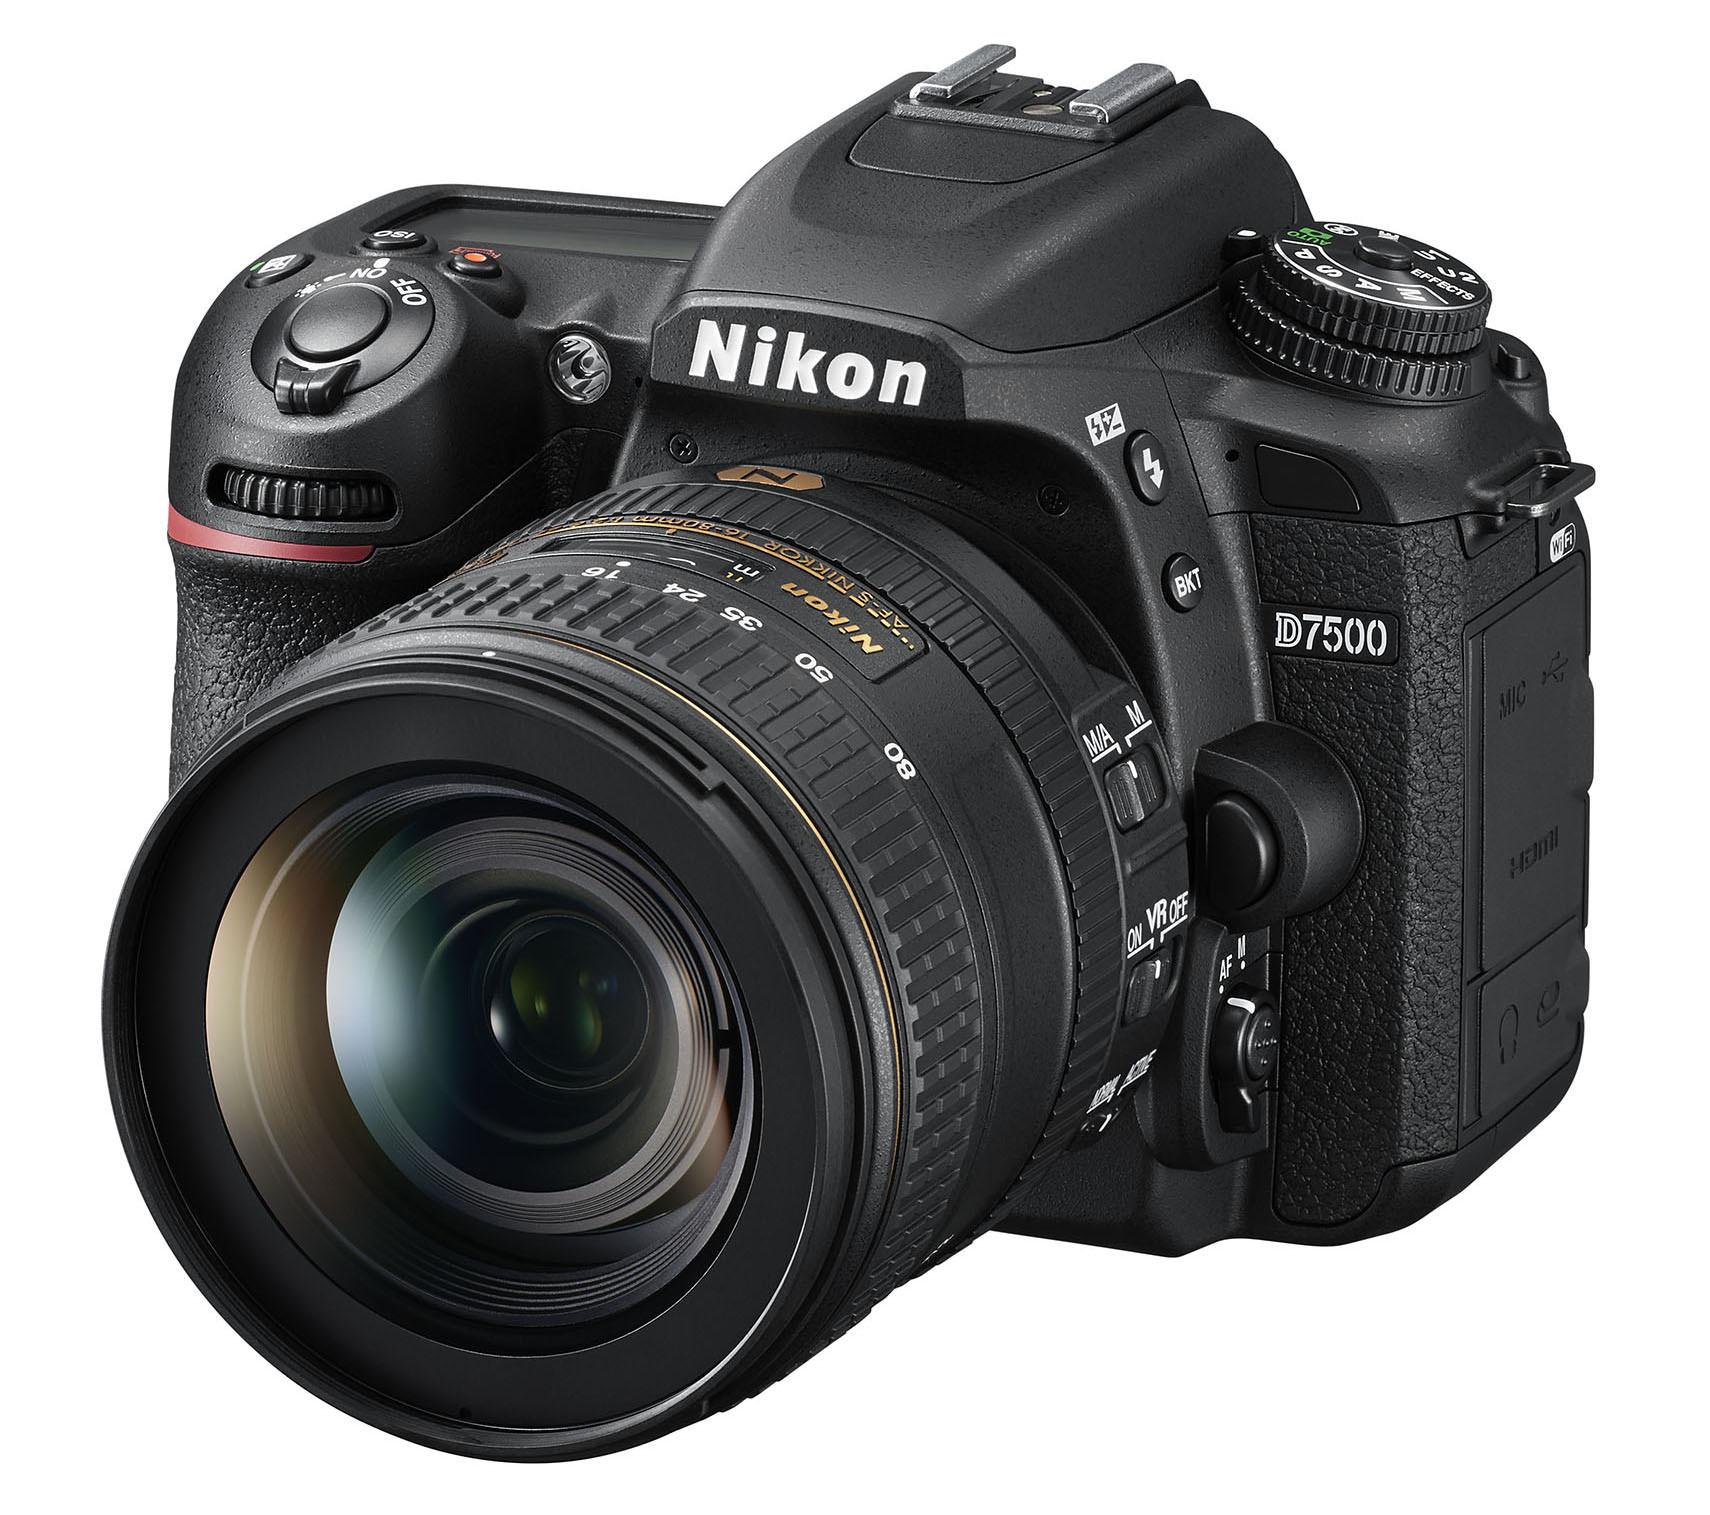 Nikon D7500 DLSR Camera